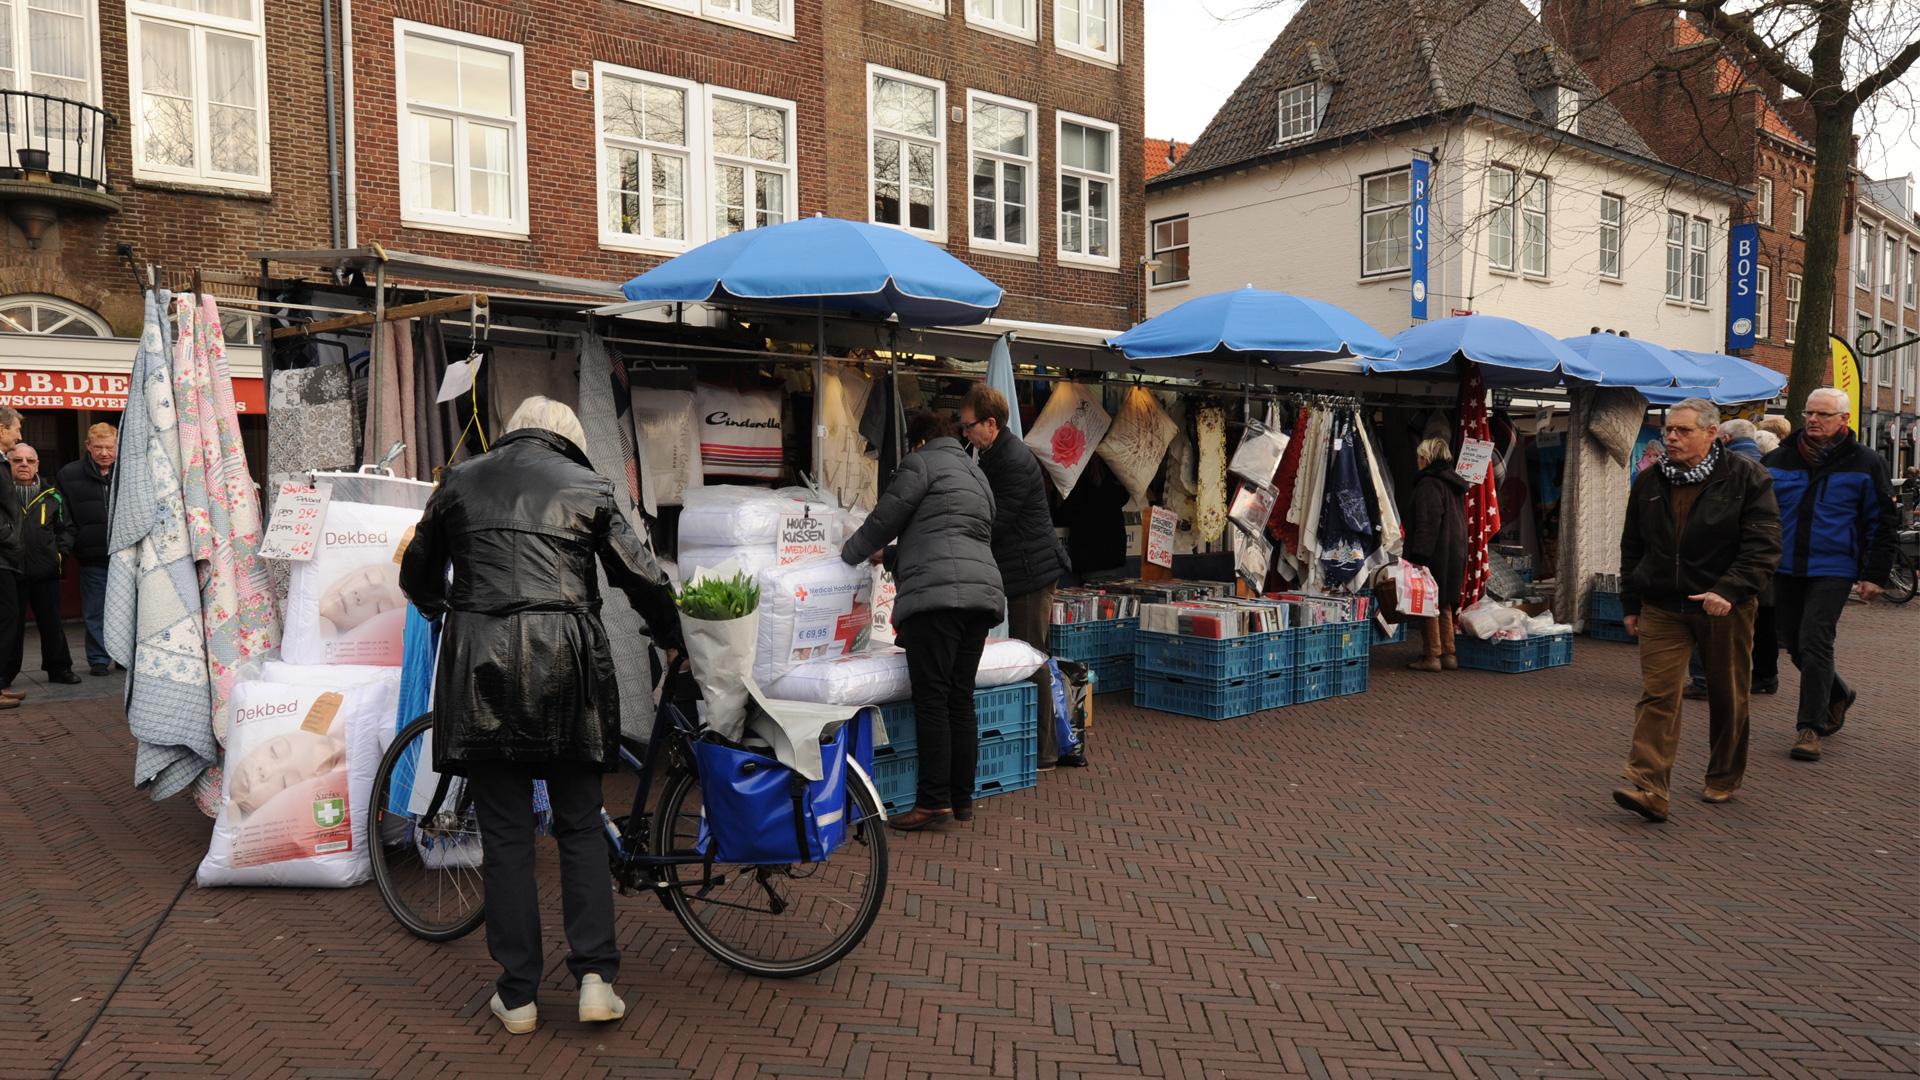 online succes haalt beddengoedgigant niet van markt emerce Smulders textiel winkel descanso dekbedovertrek daphne deckers dekbedovertrek